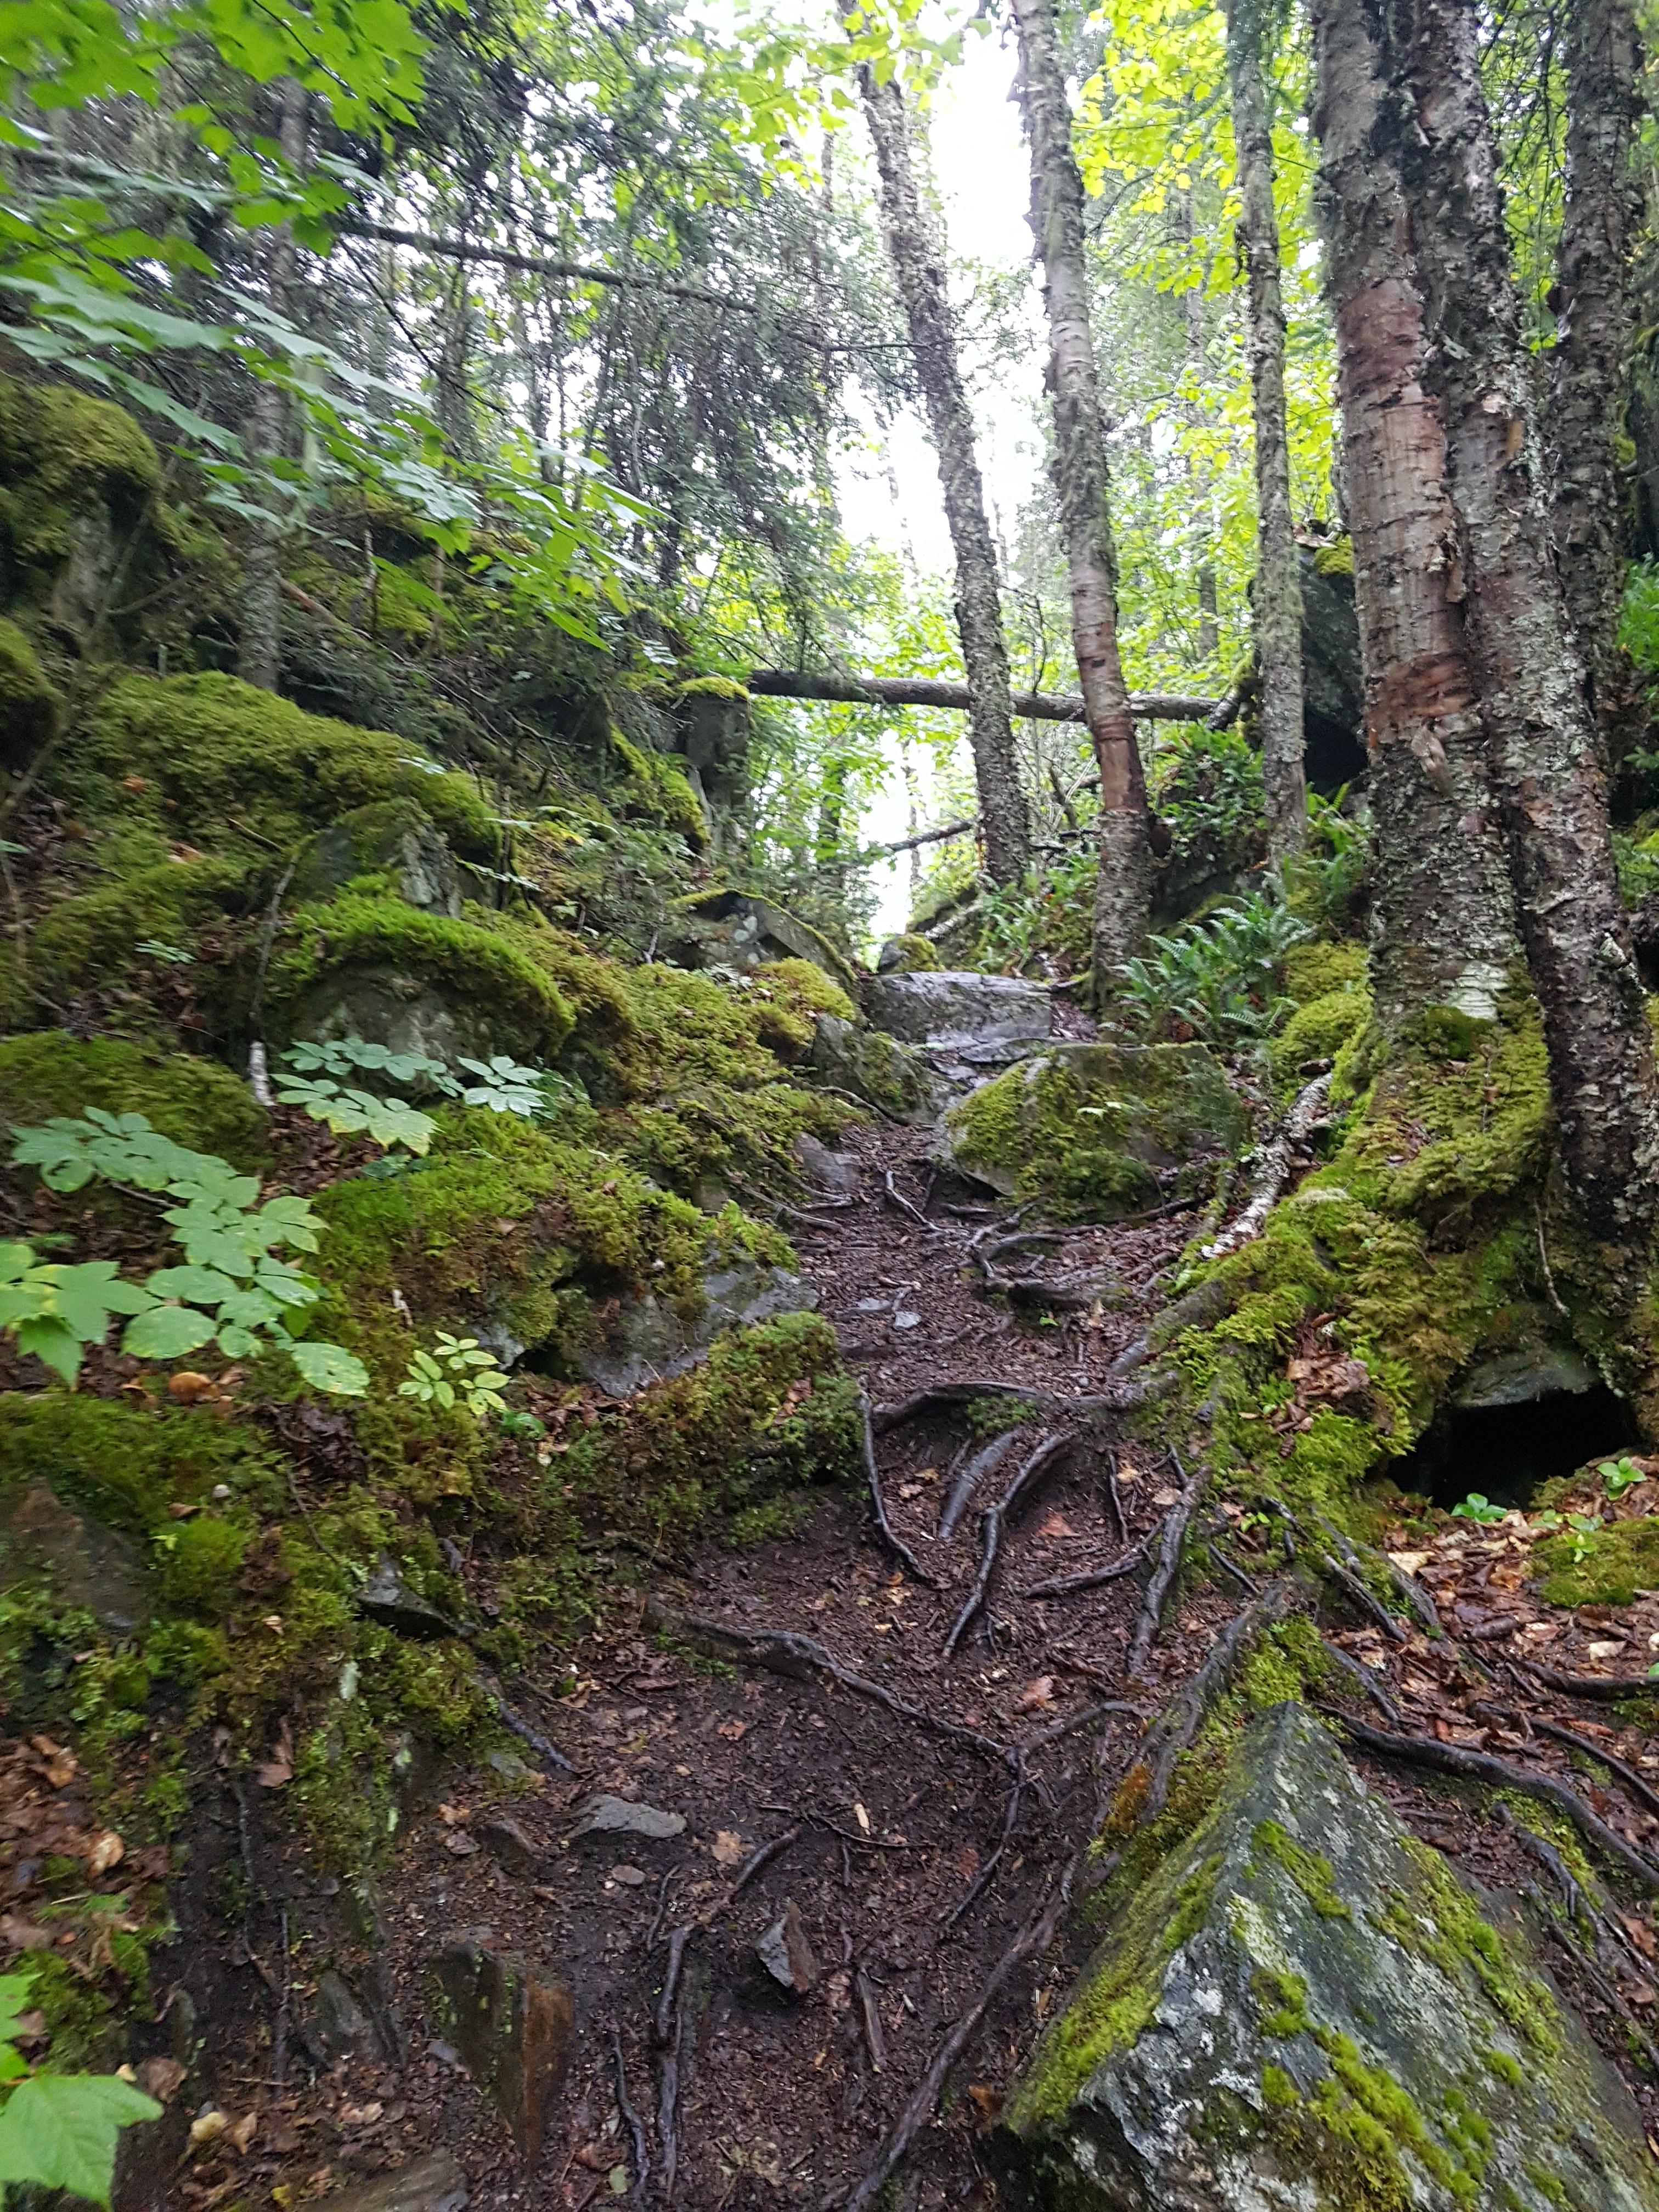 coastal trail at Pukaskwa